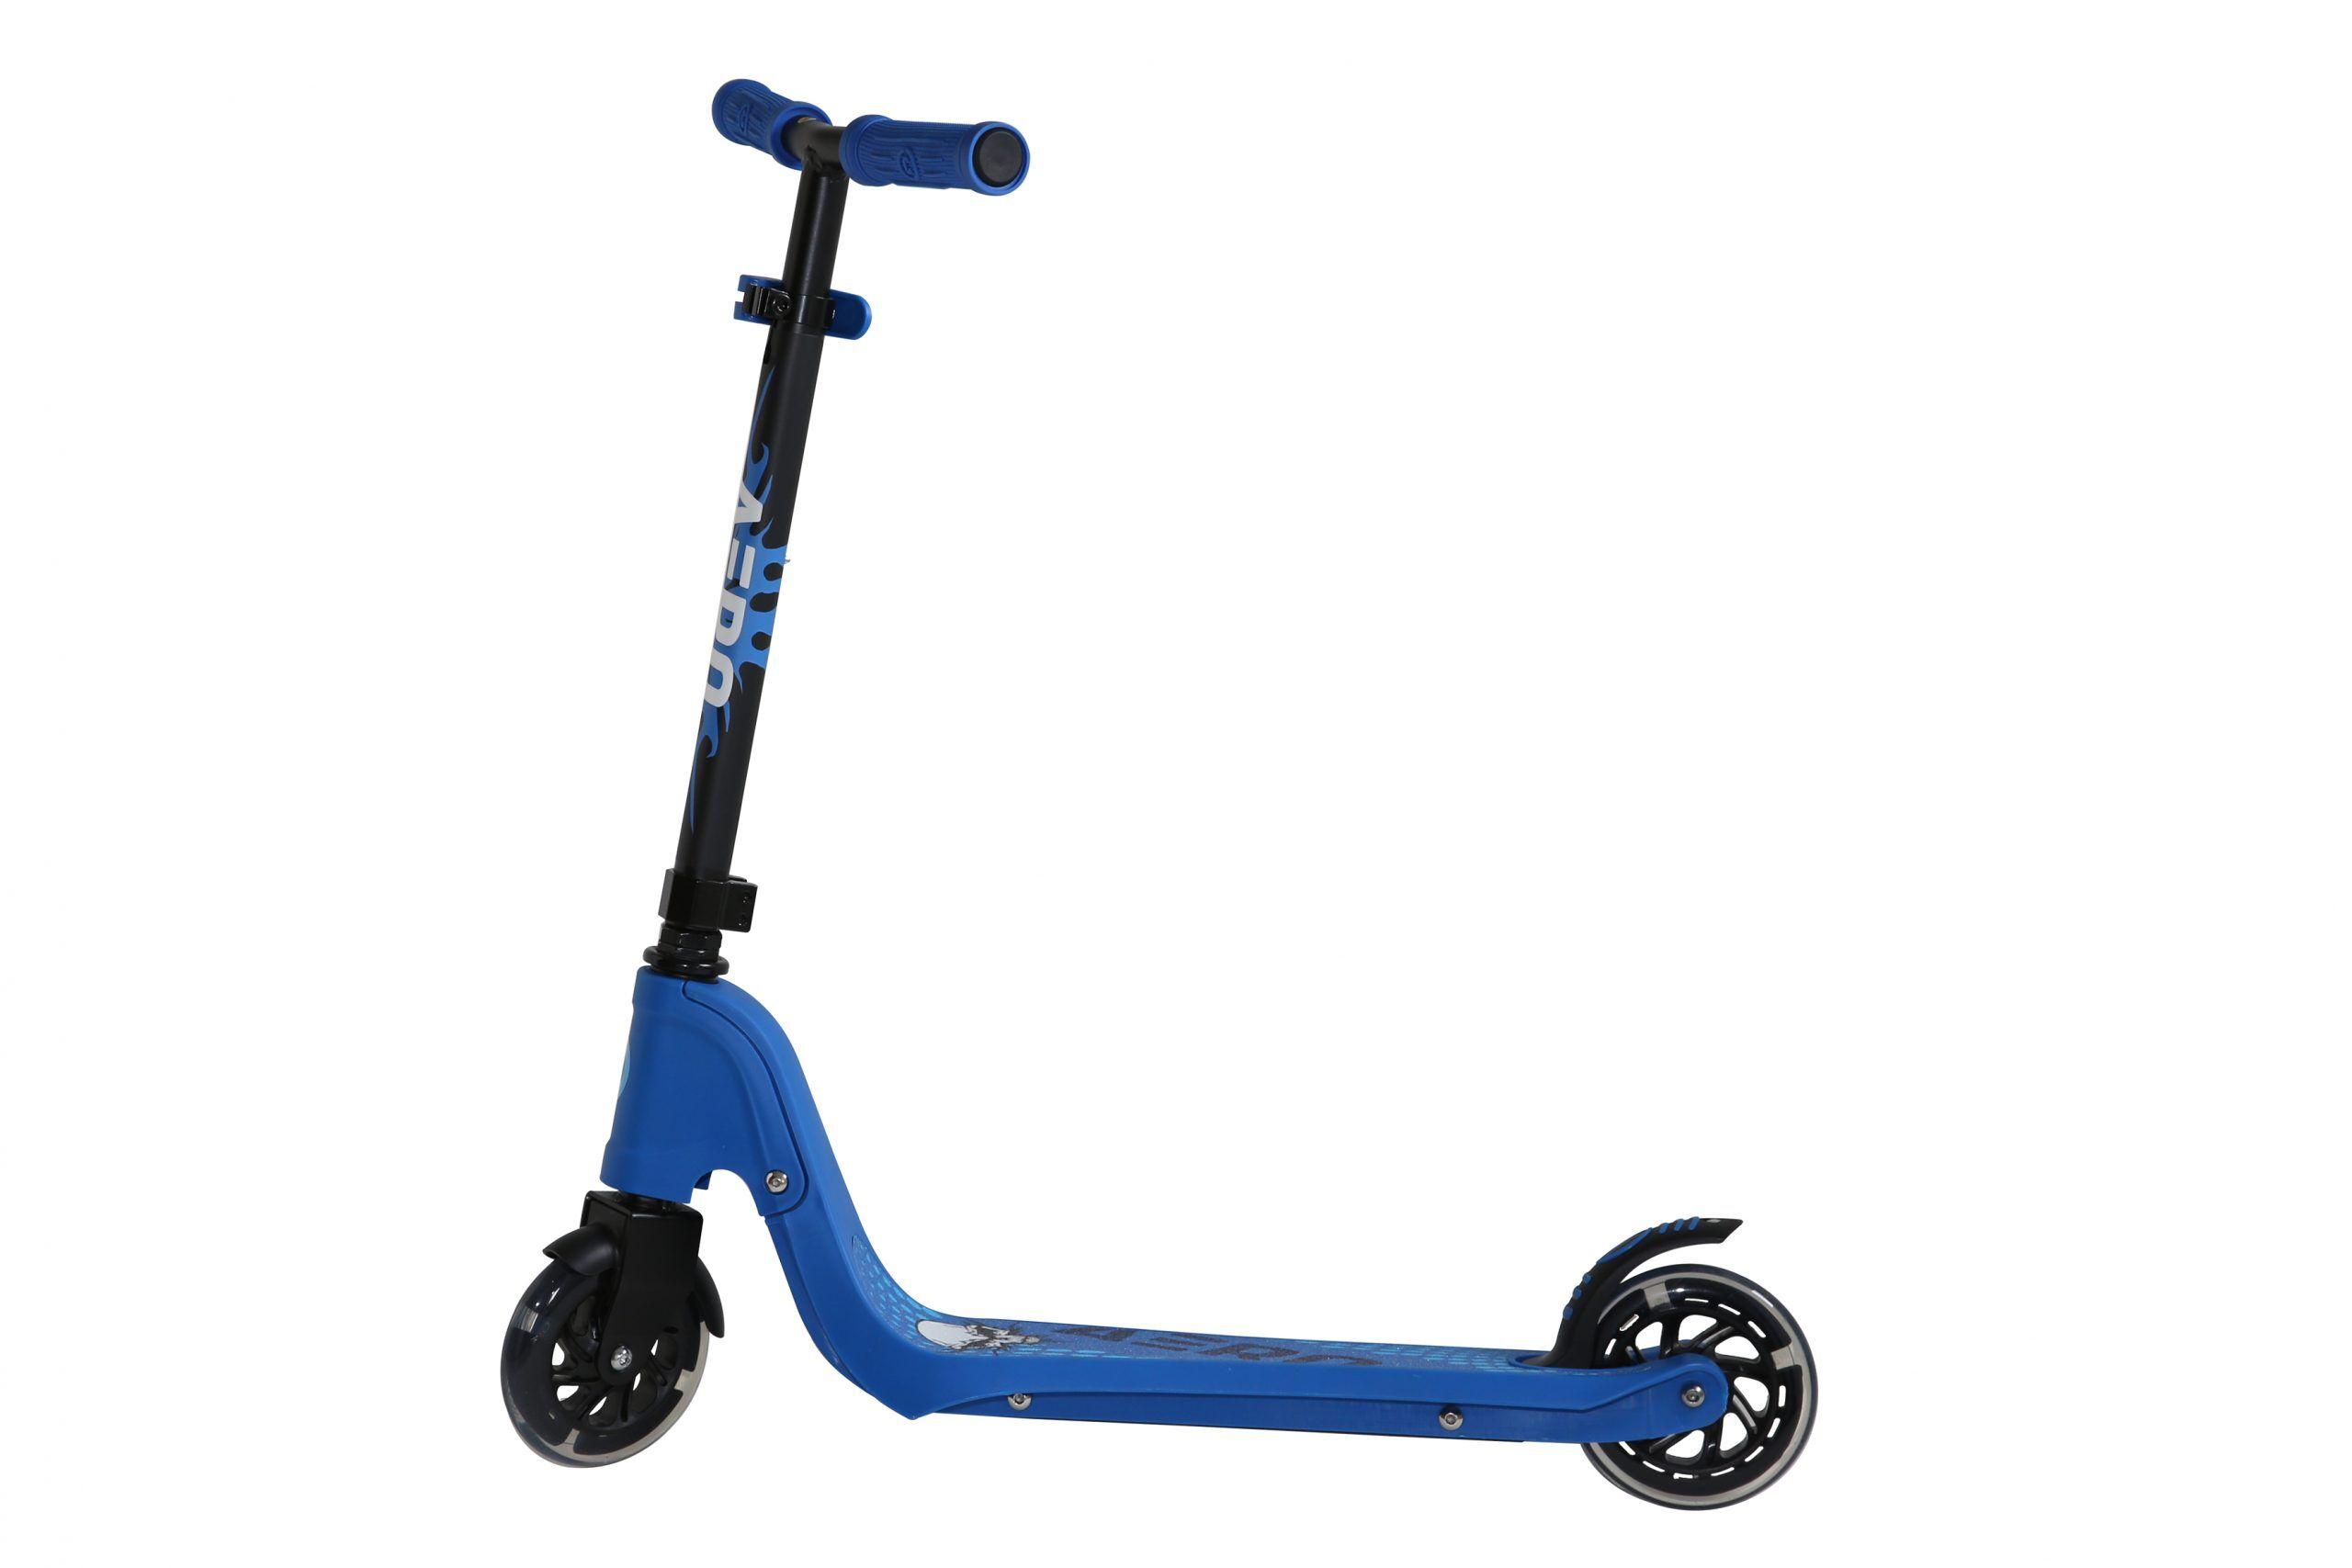 odg monopattino bambini aero c1 struttura in acciaio rosa o blu e altezza regolabile blu